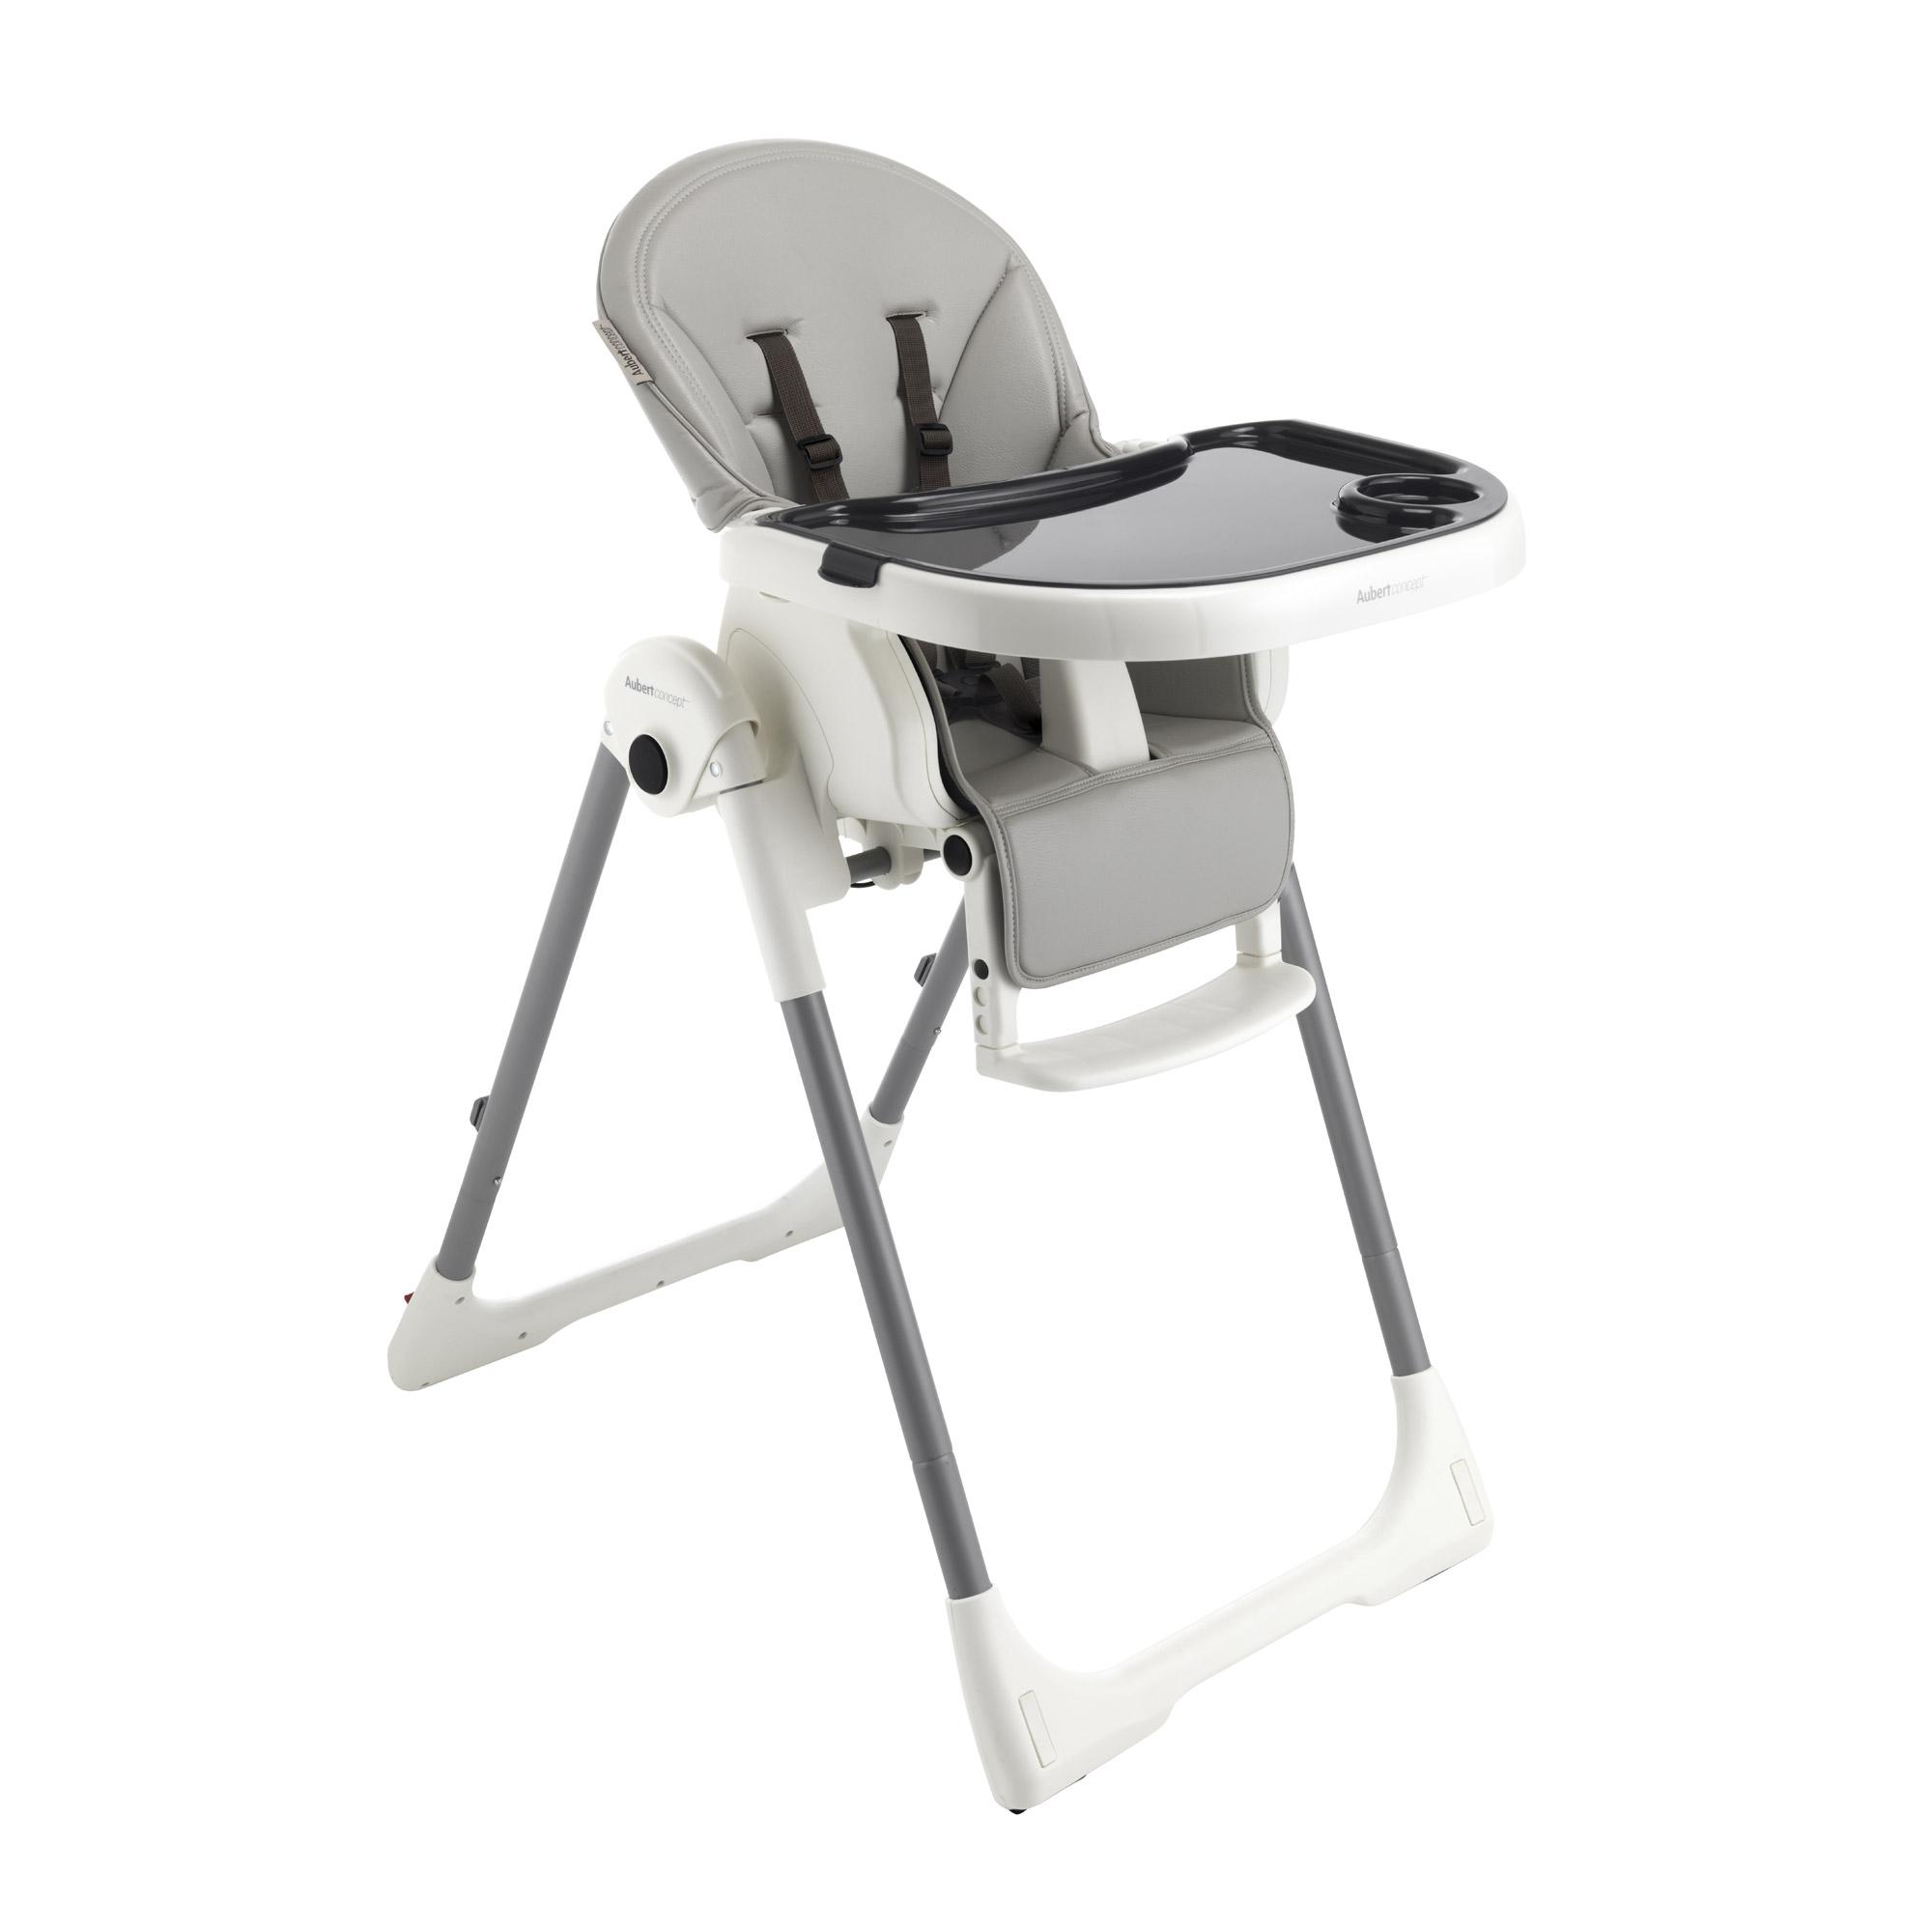 Chaise Design GRIS De Aubert Concept Chaises Hautes Rglables